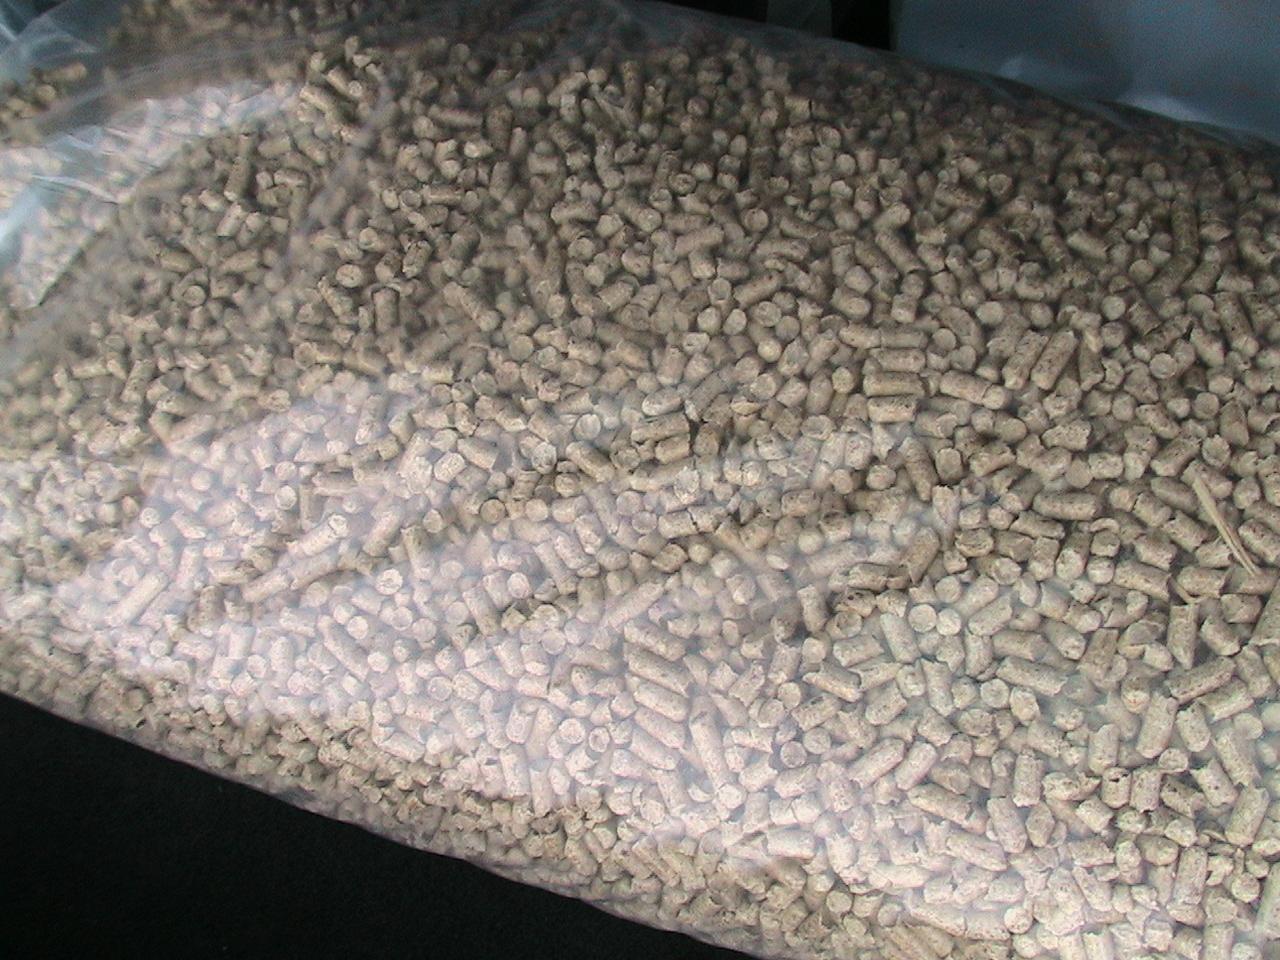 Pine Wood 6mm Pellets,wood pellet suppliers,wood pellet exporters,wood pellet traders,wood pellet buyers,wood pellet wholesalers,low price wood pellet,